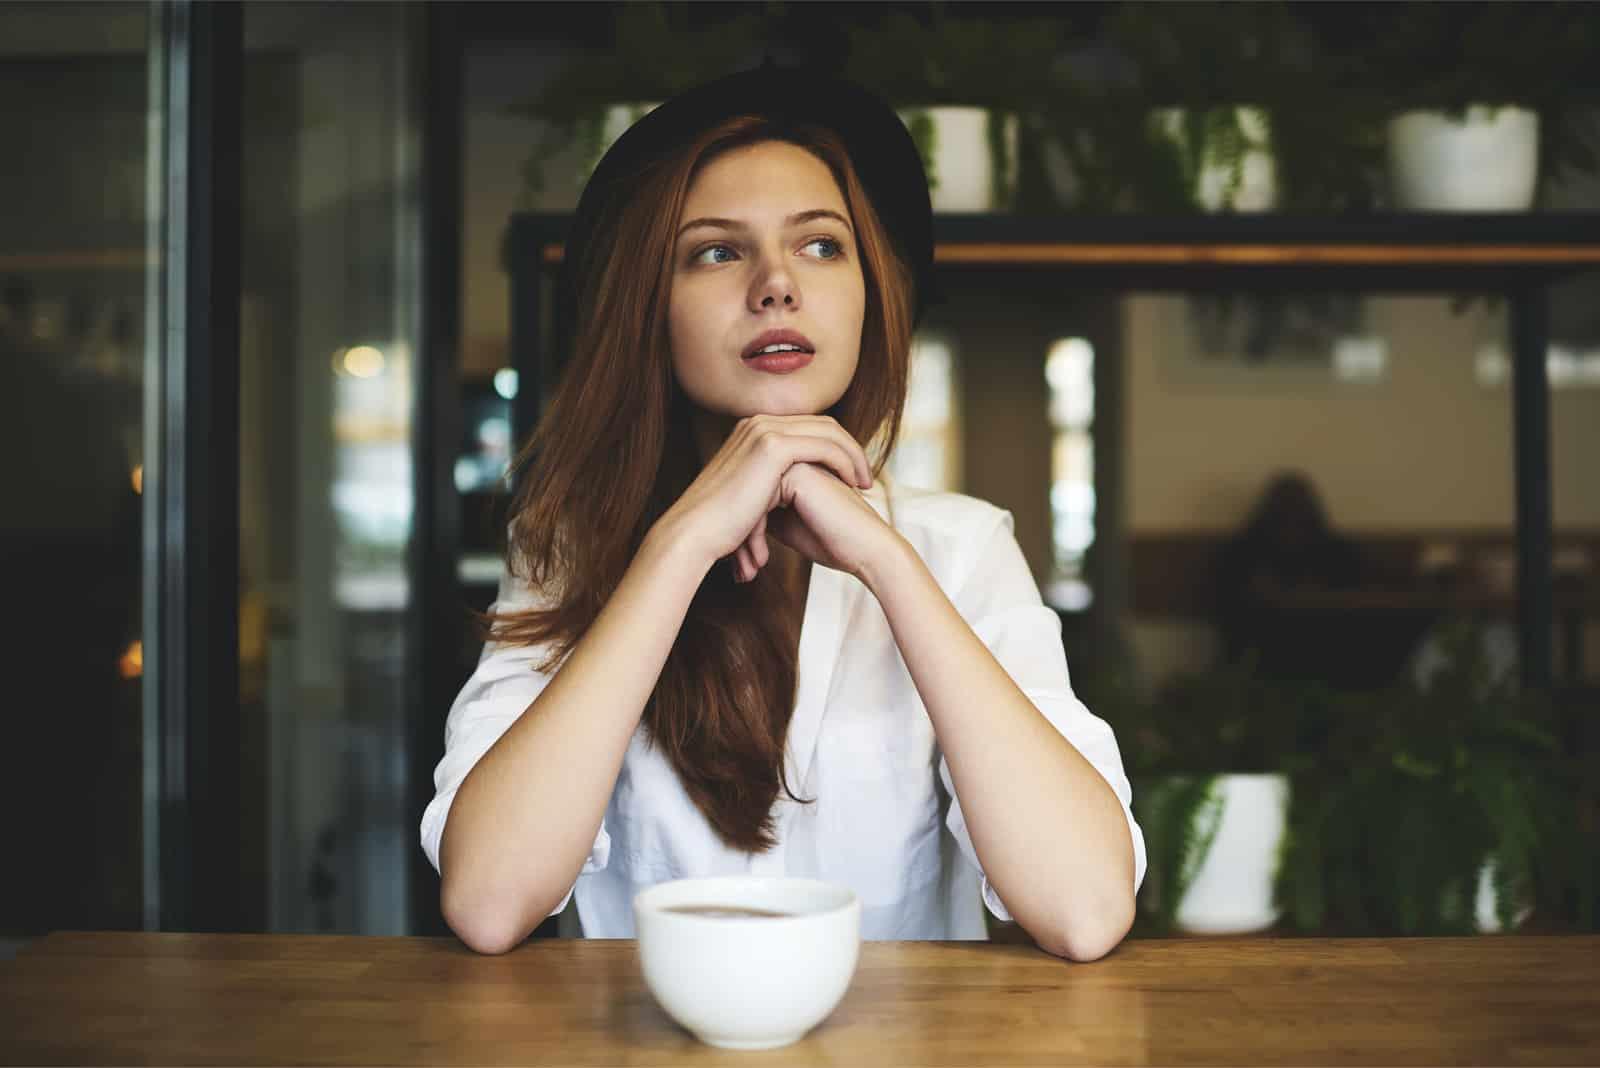 hinter der bar neben dem cafe sitzt und denkt eine schöne frau